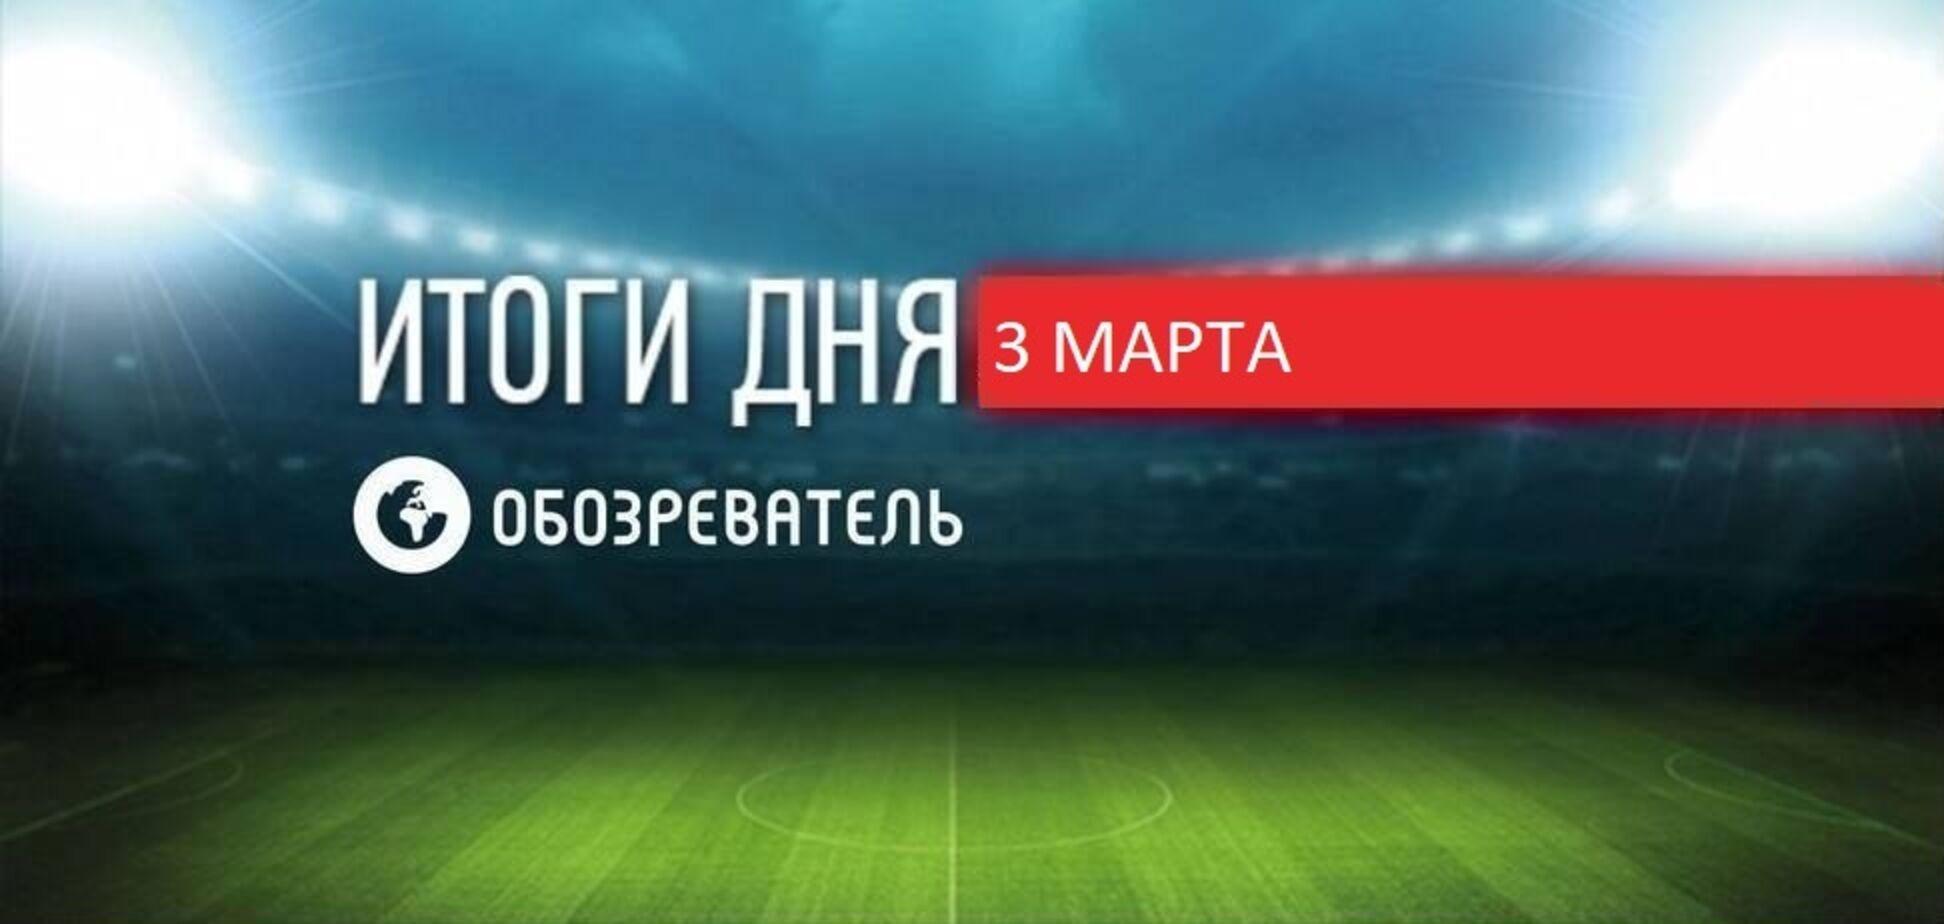 'Шахтар' програв команді першої ліги в Кубку України: спортивні підсумки 3 березня